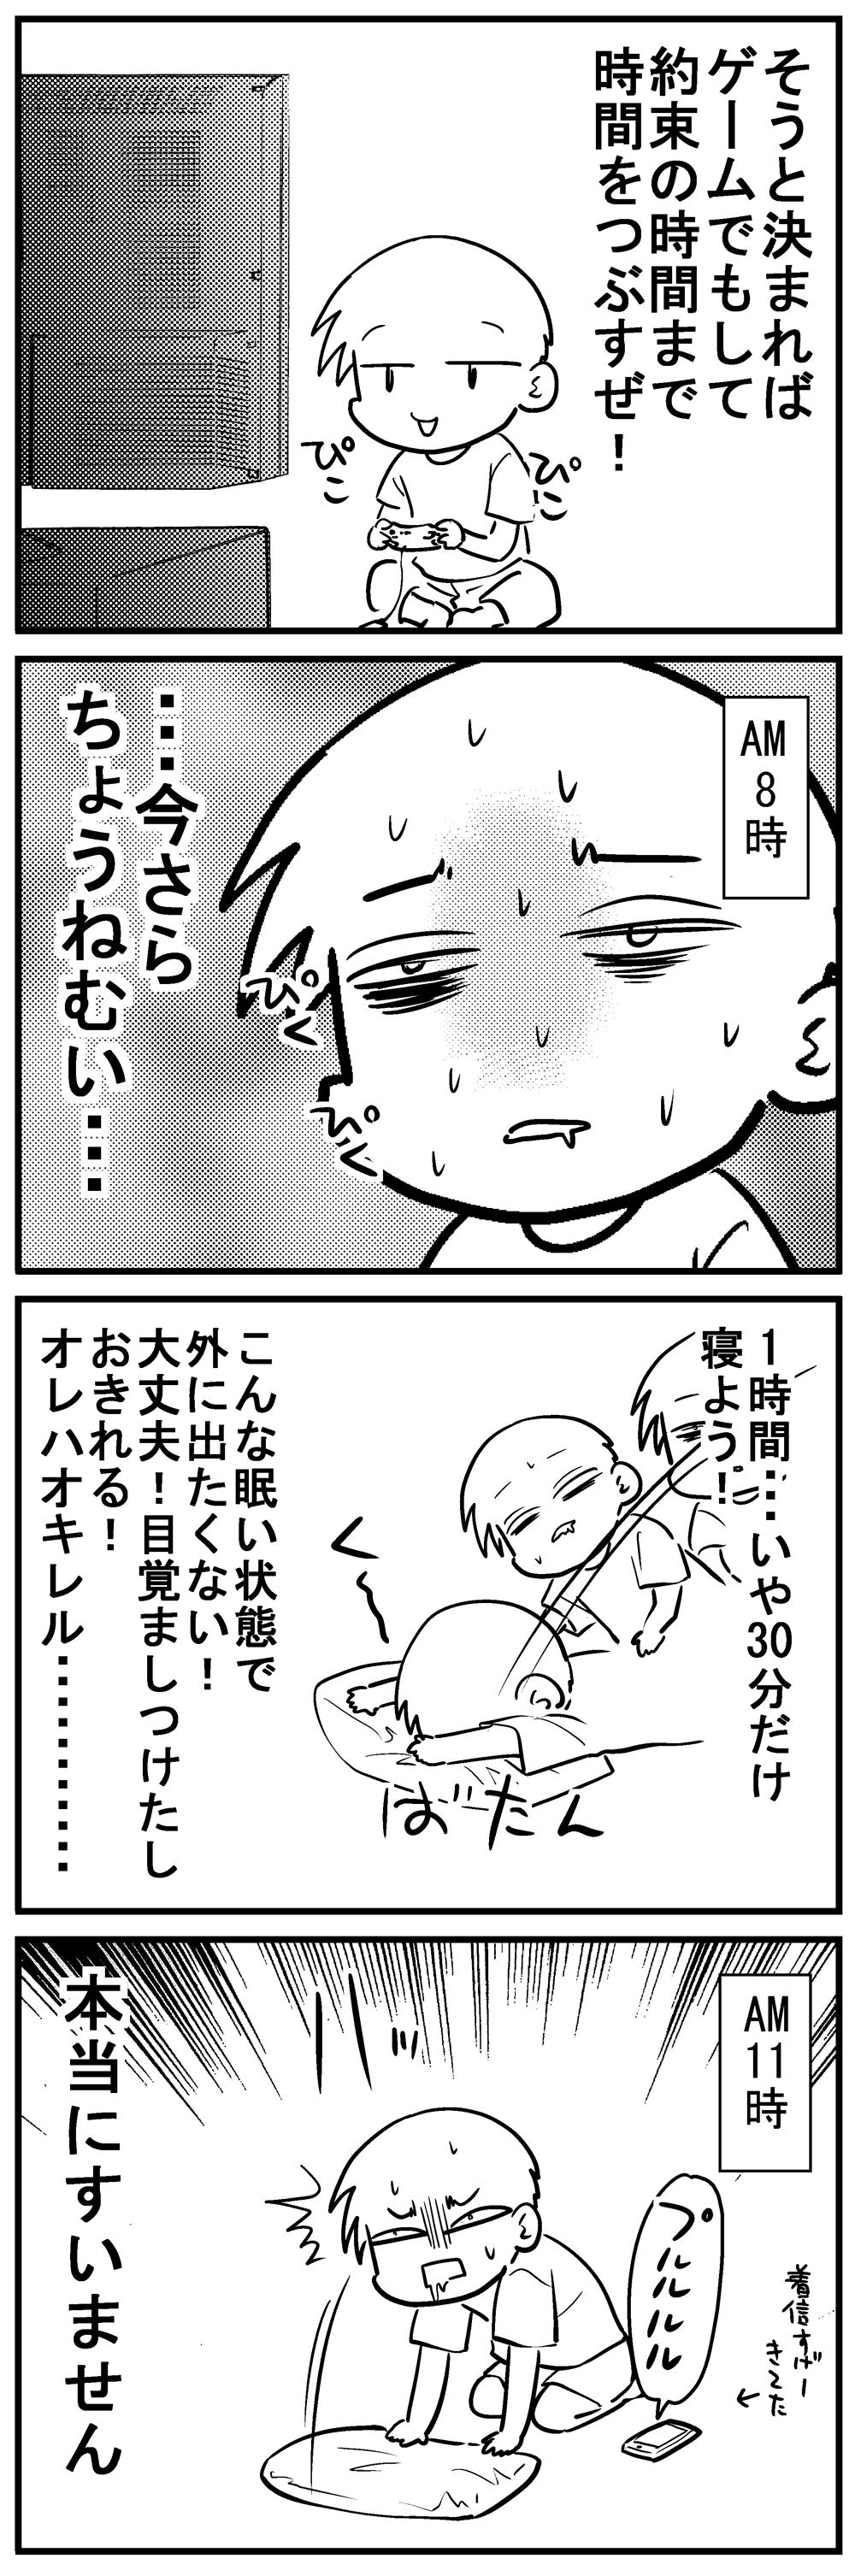 深読みくん67-4